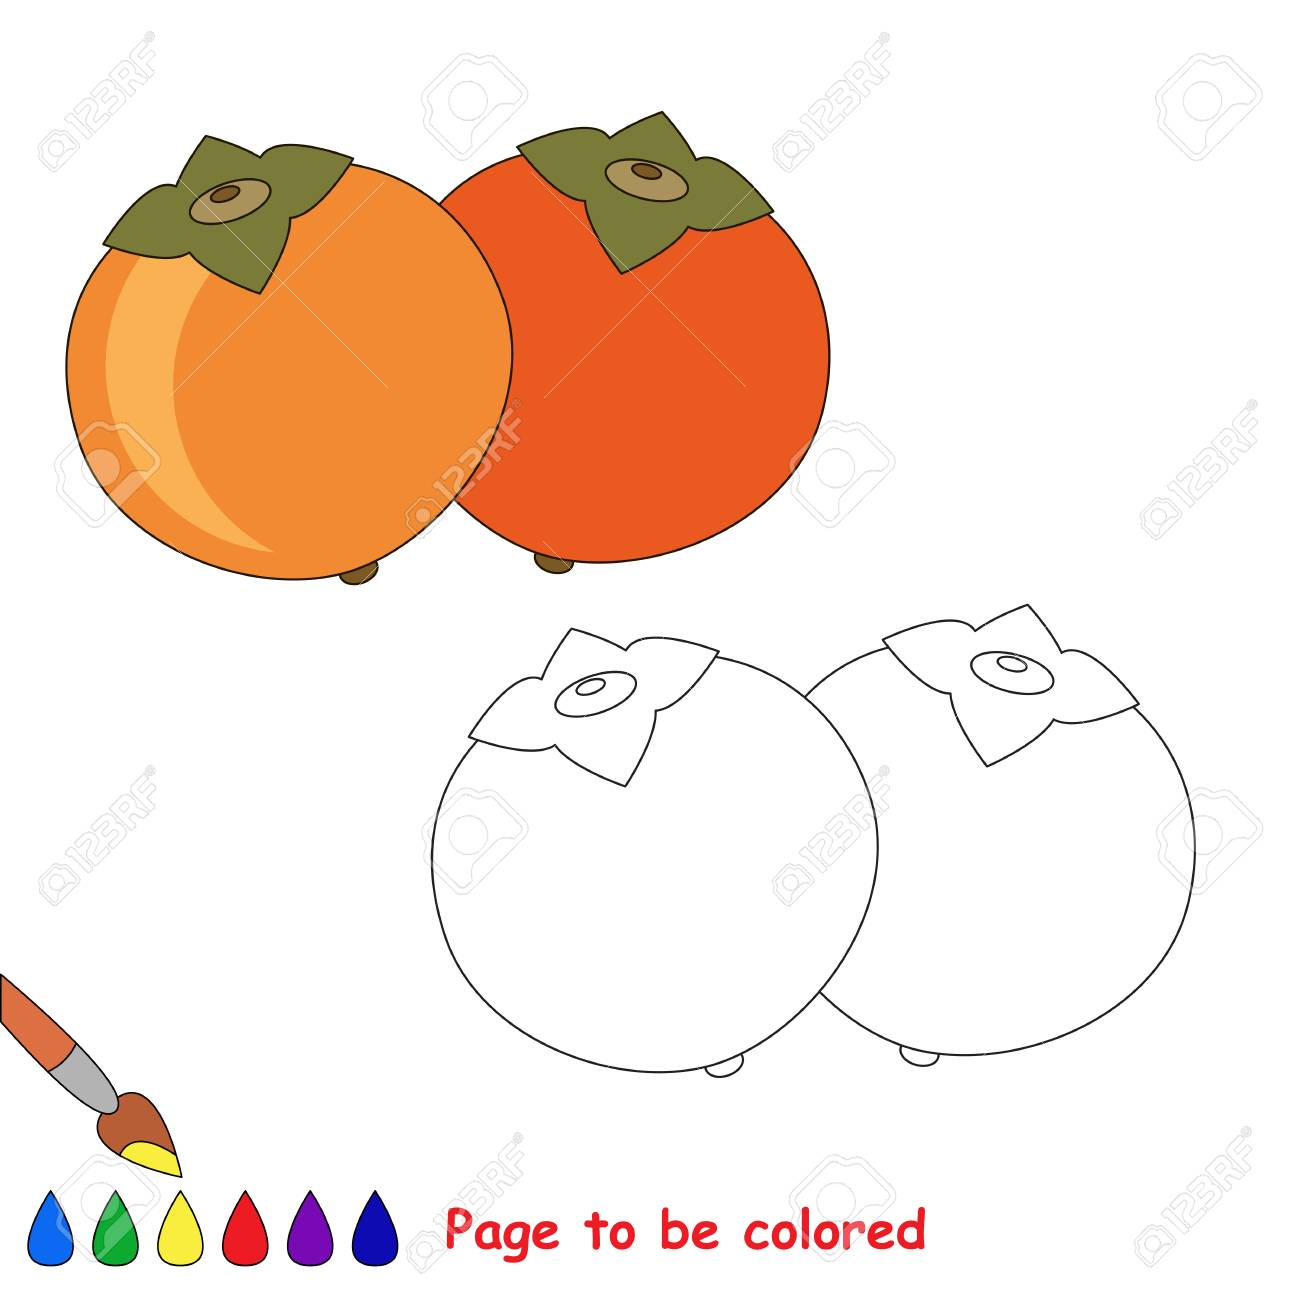 Perfecto Para Colorear Diario De Un Nino Debil Imagen - Enmarcado ...